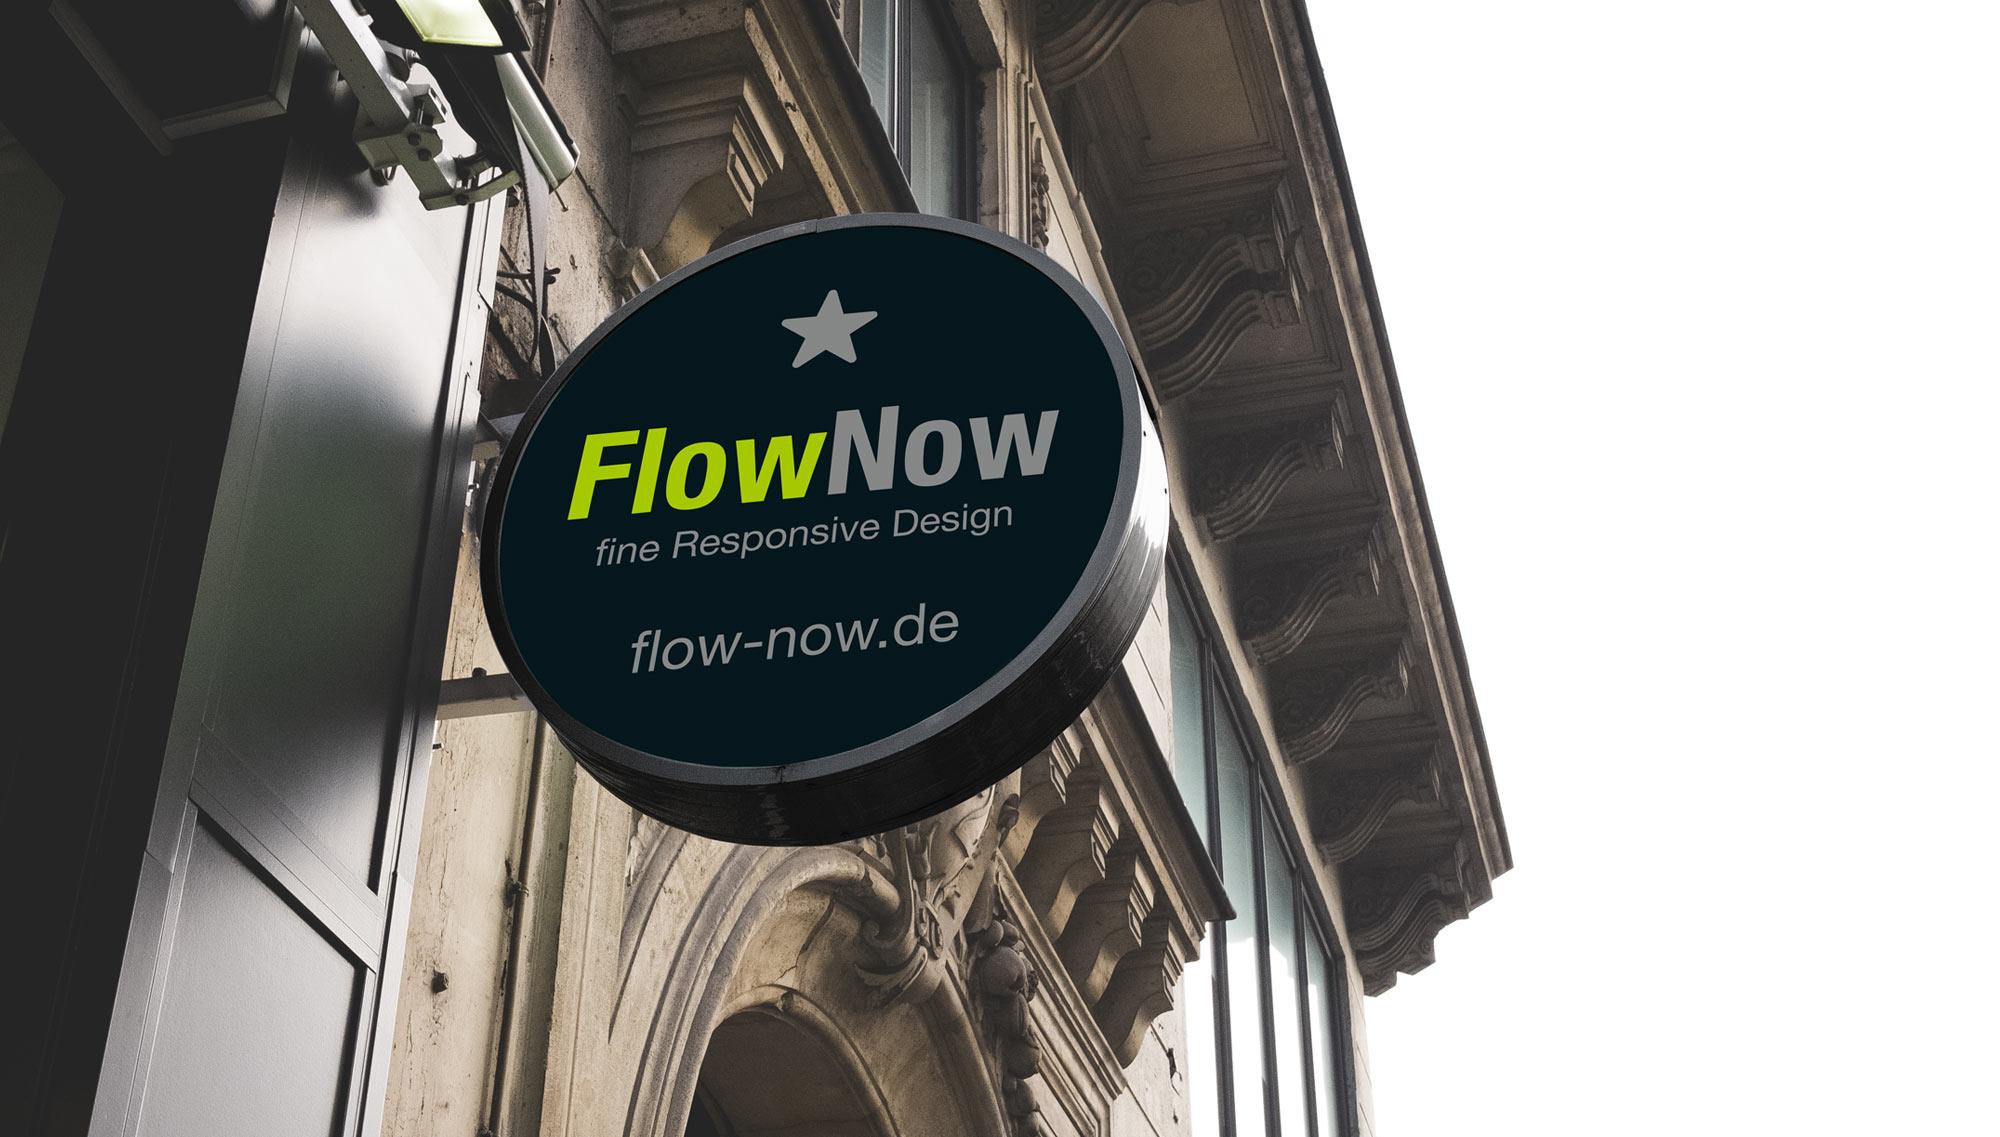 FlowNow Shop Sign